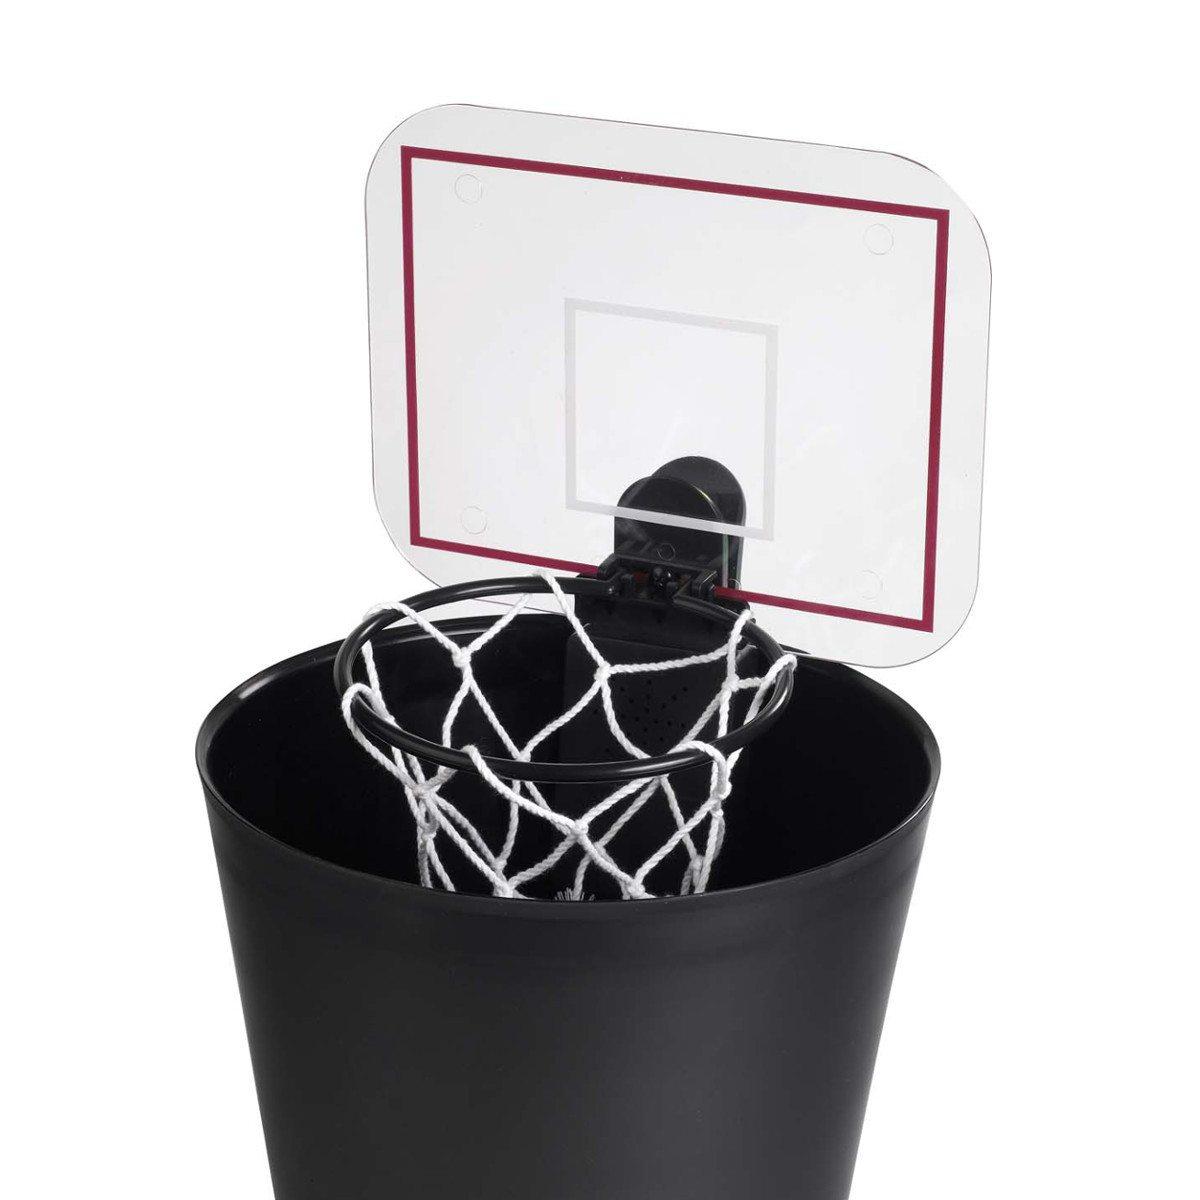 Basket-papirkurv med lyd